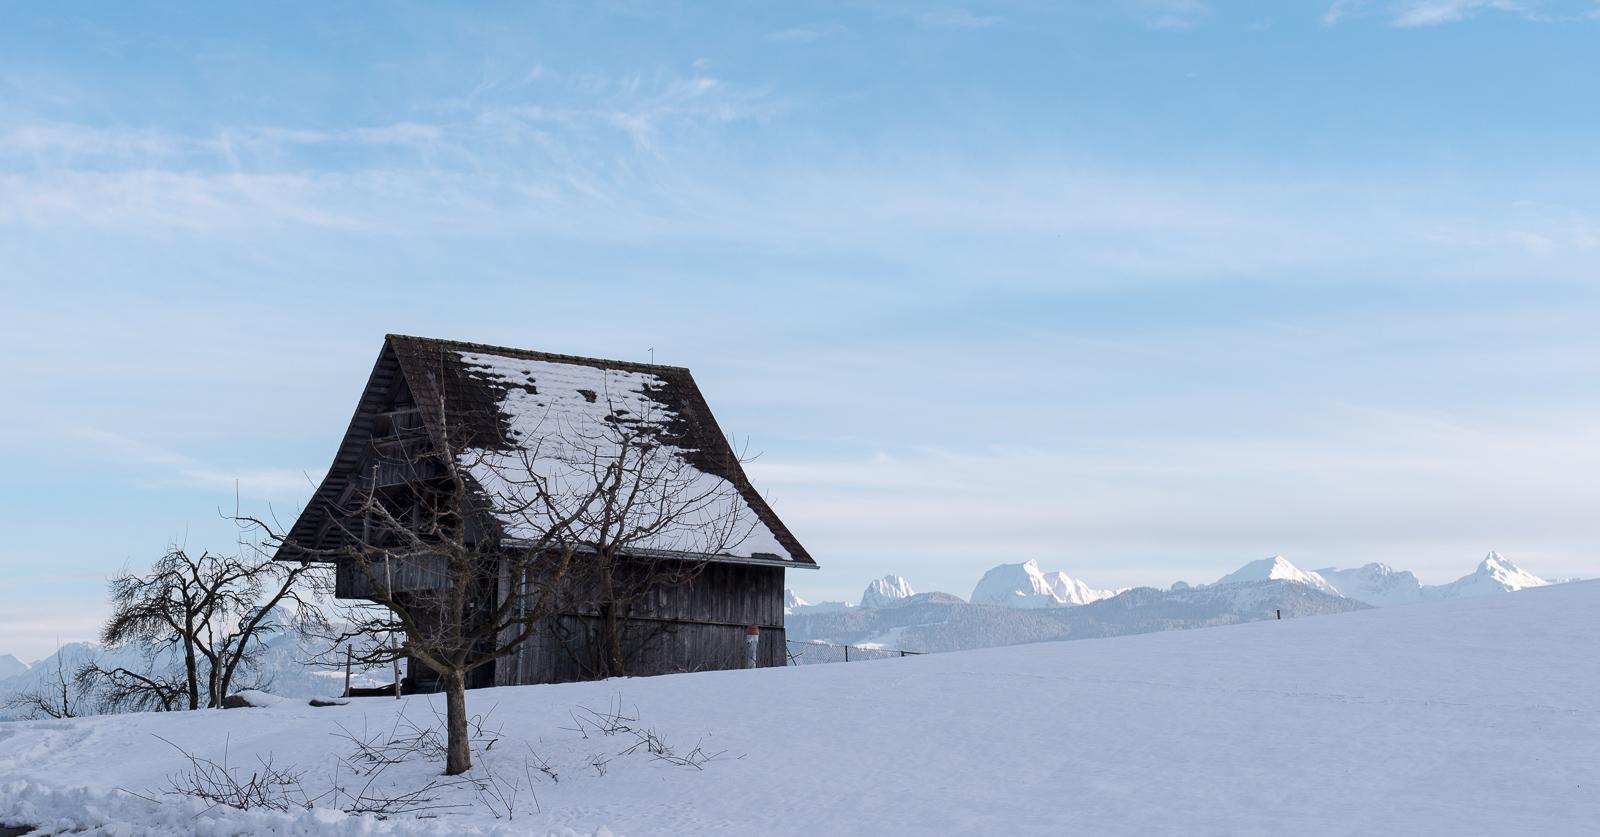 Hütte und Berge